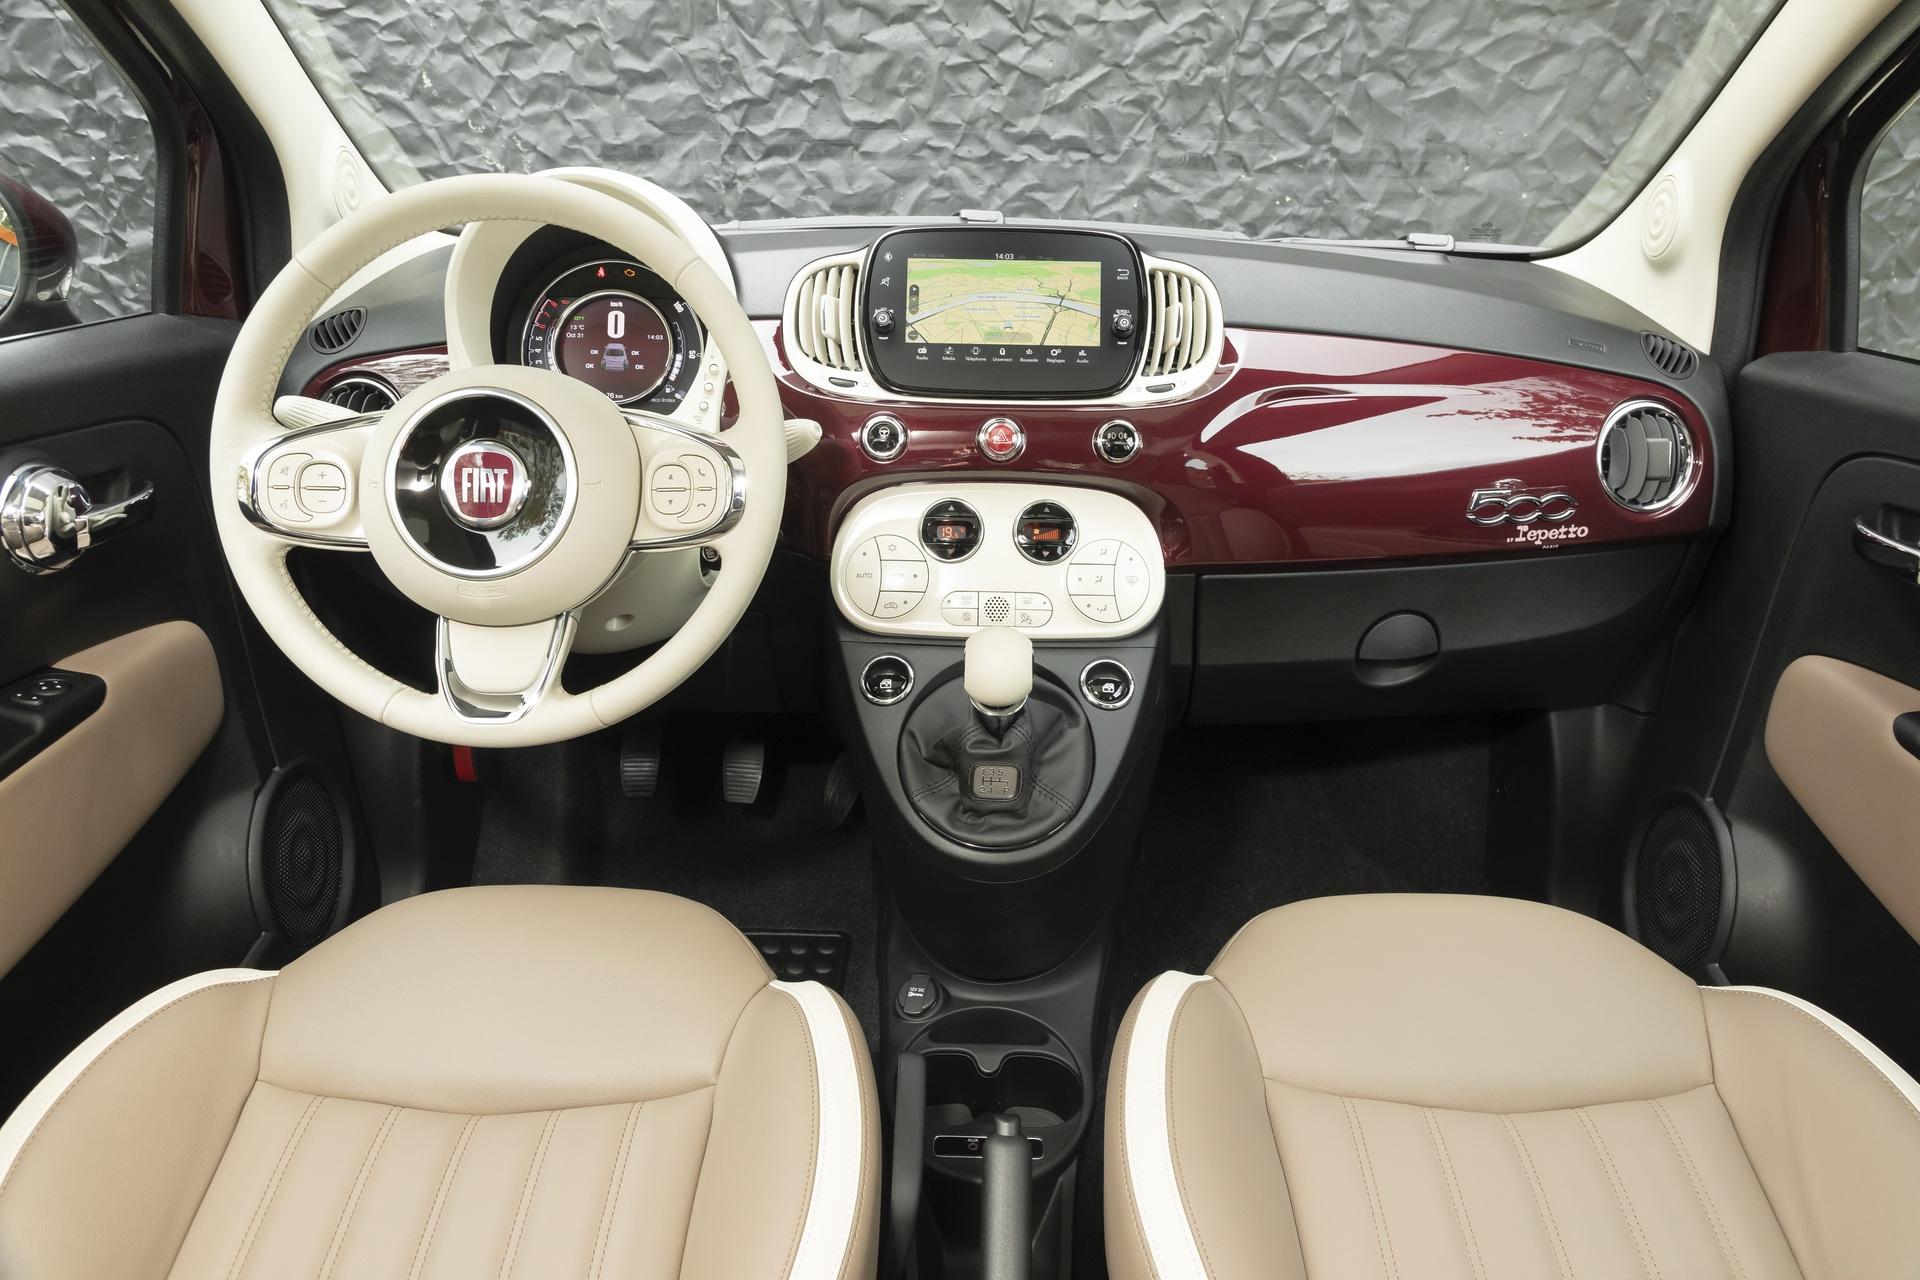 Fiat_500_Repetto_0023